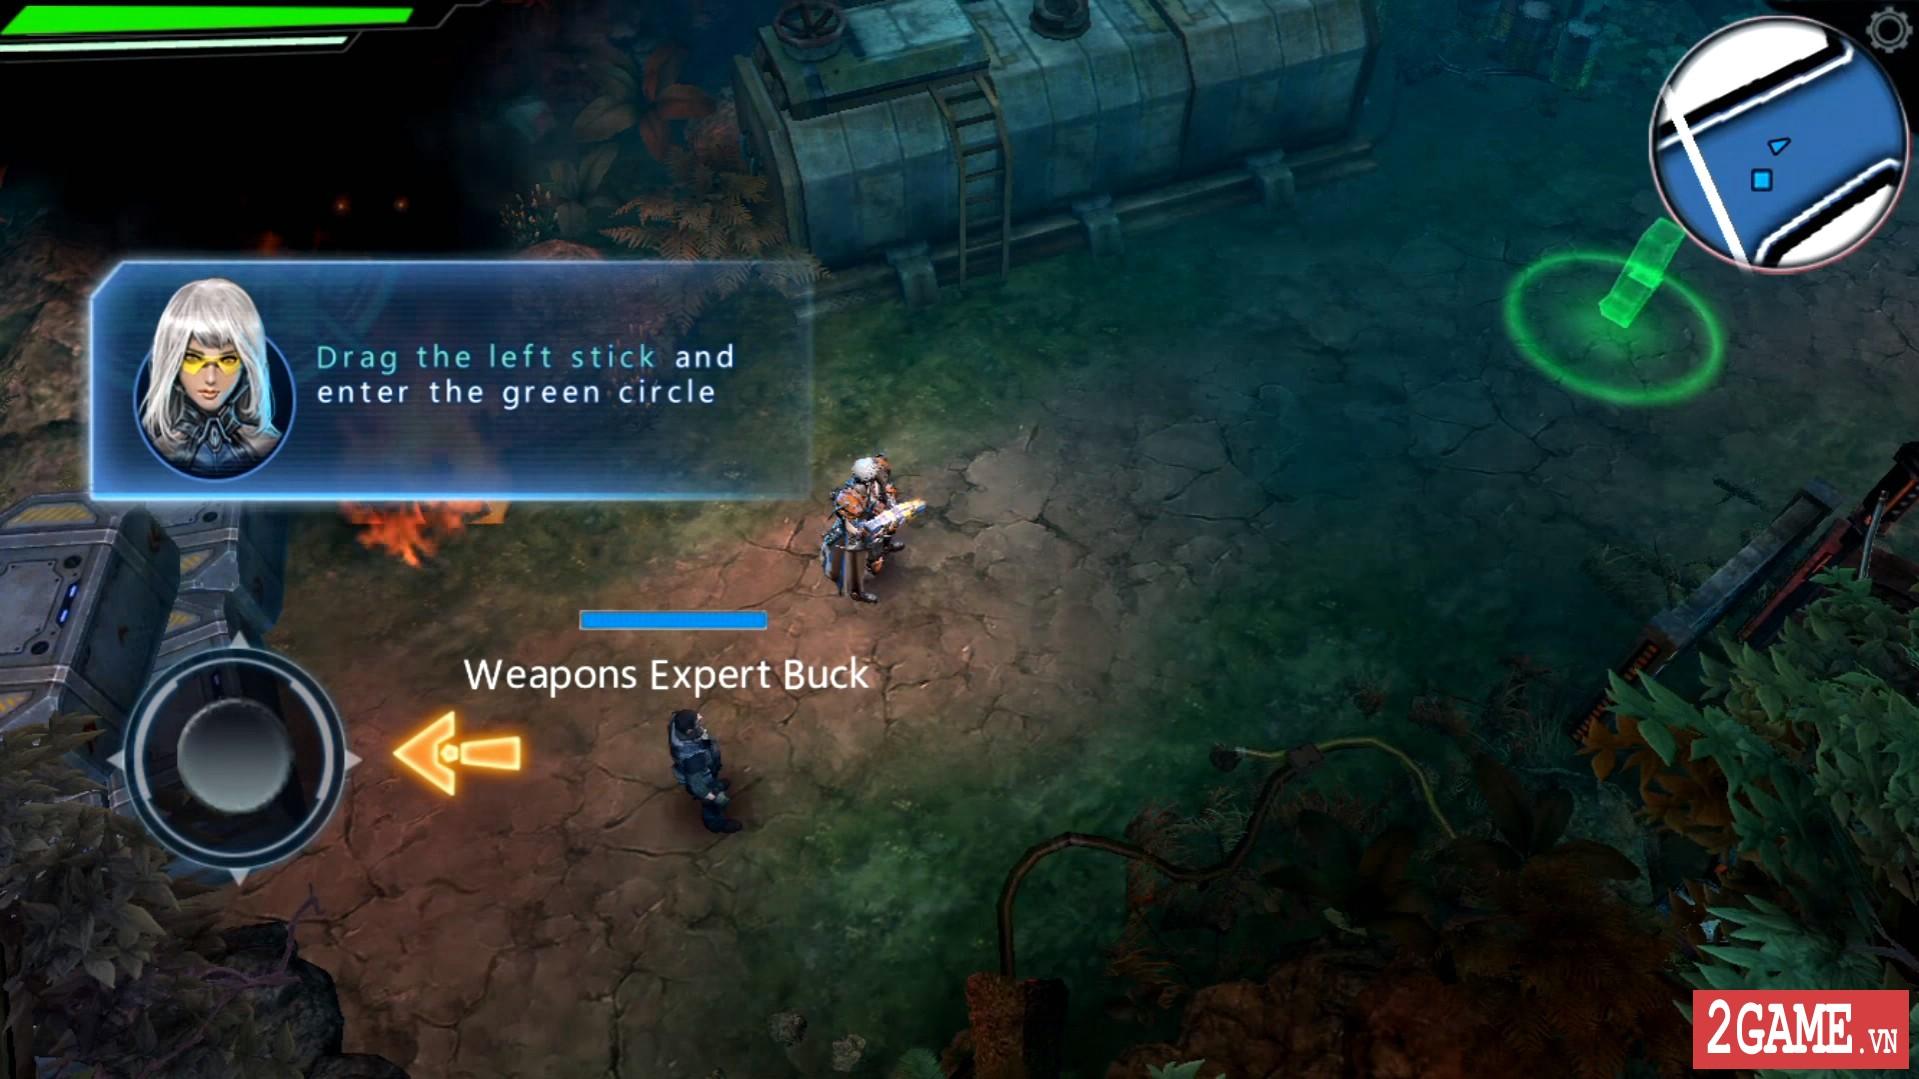 Future Strike - Game bắn súng nhập vai đi cảnh khá hay ho 1